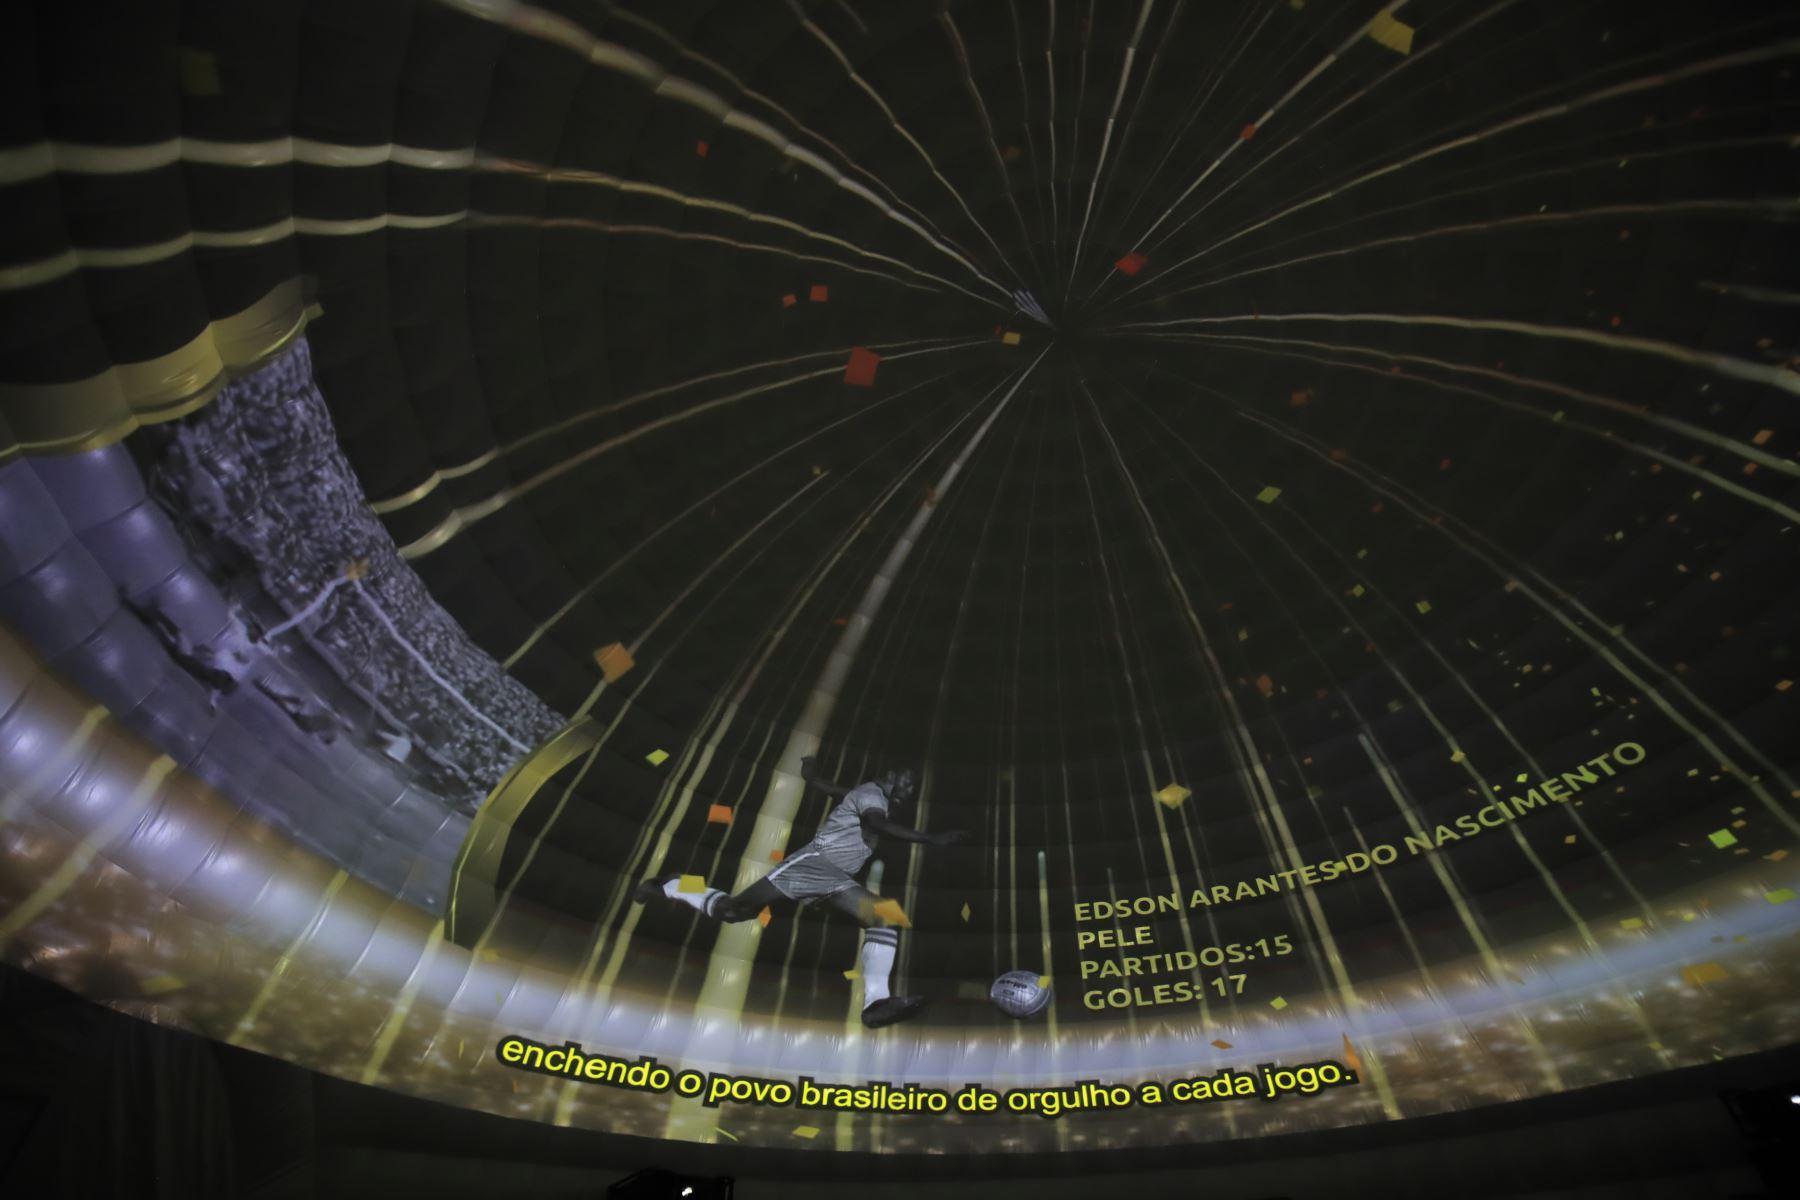 Museo cuenta con una proyección de 360 grados, ANDINA/Juan Carlos Guzmán